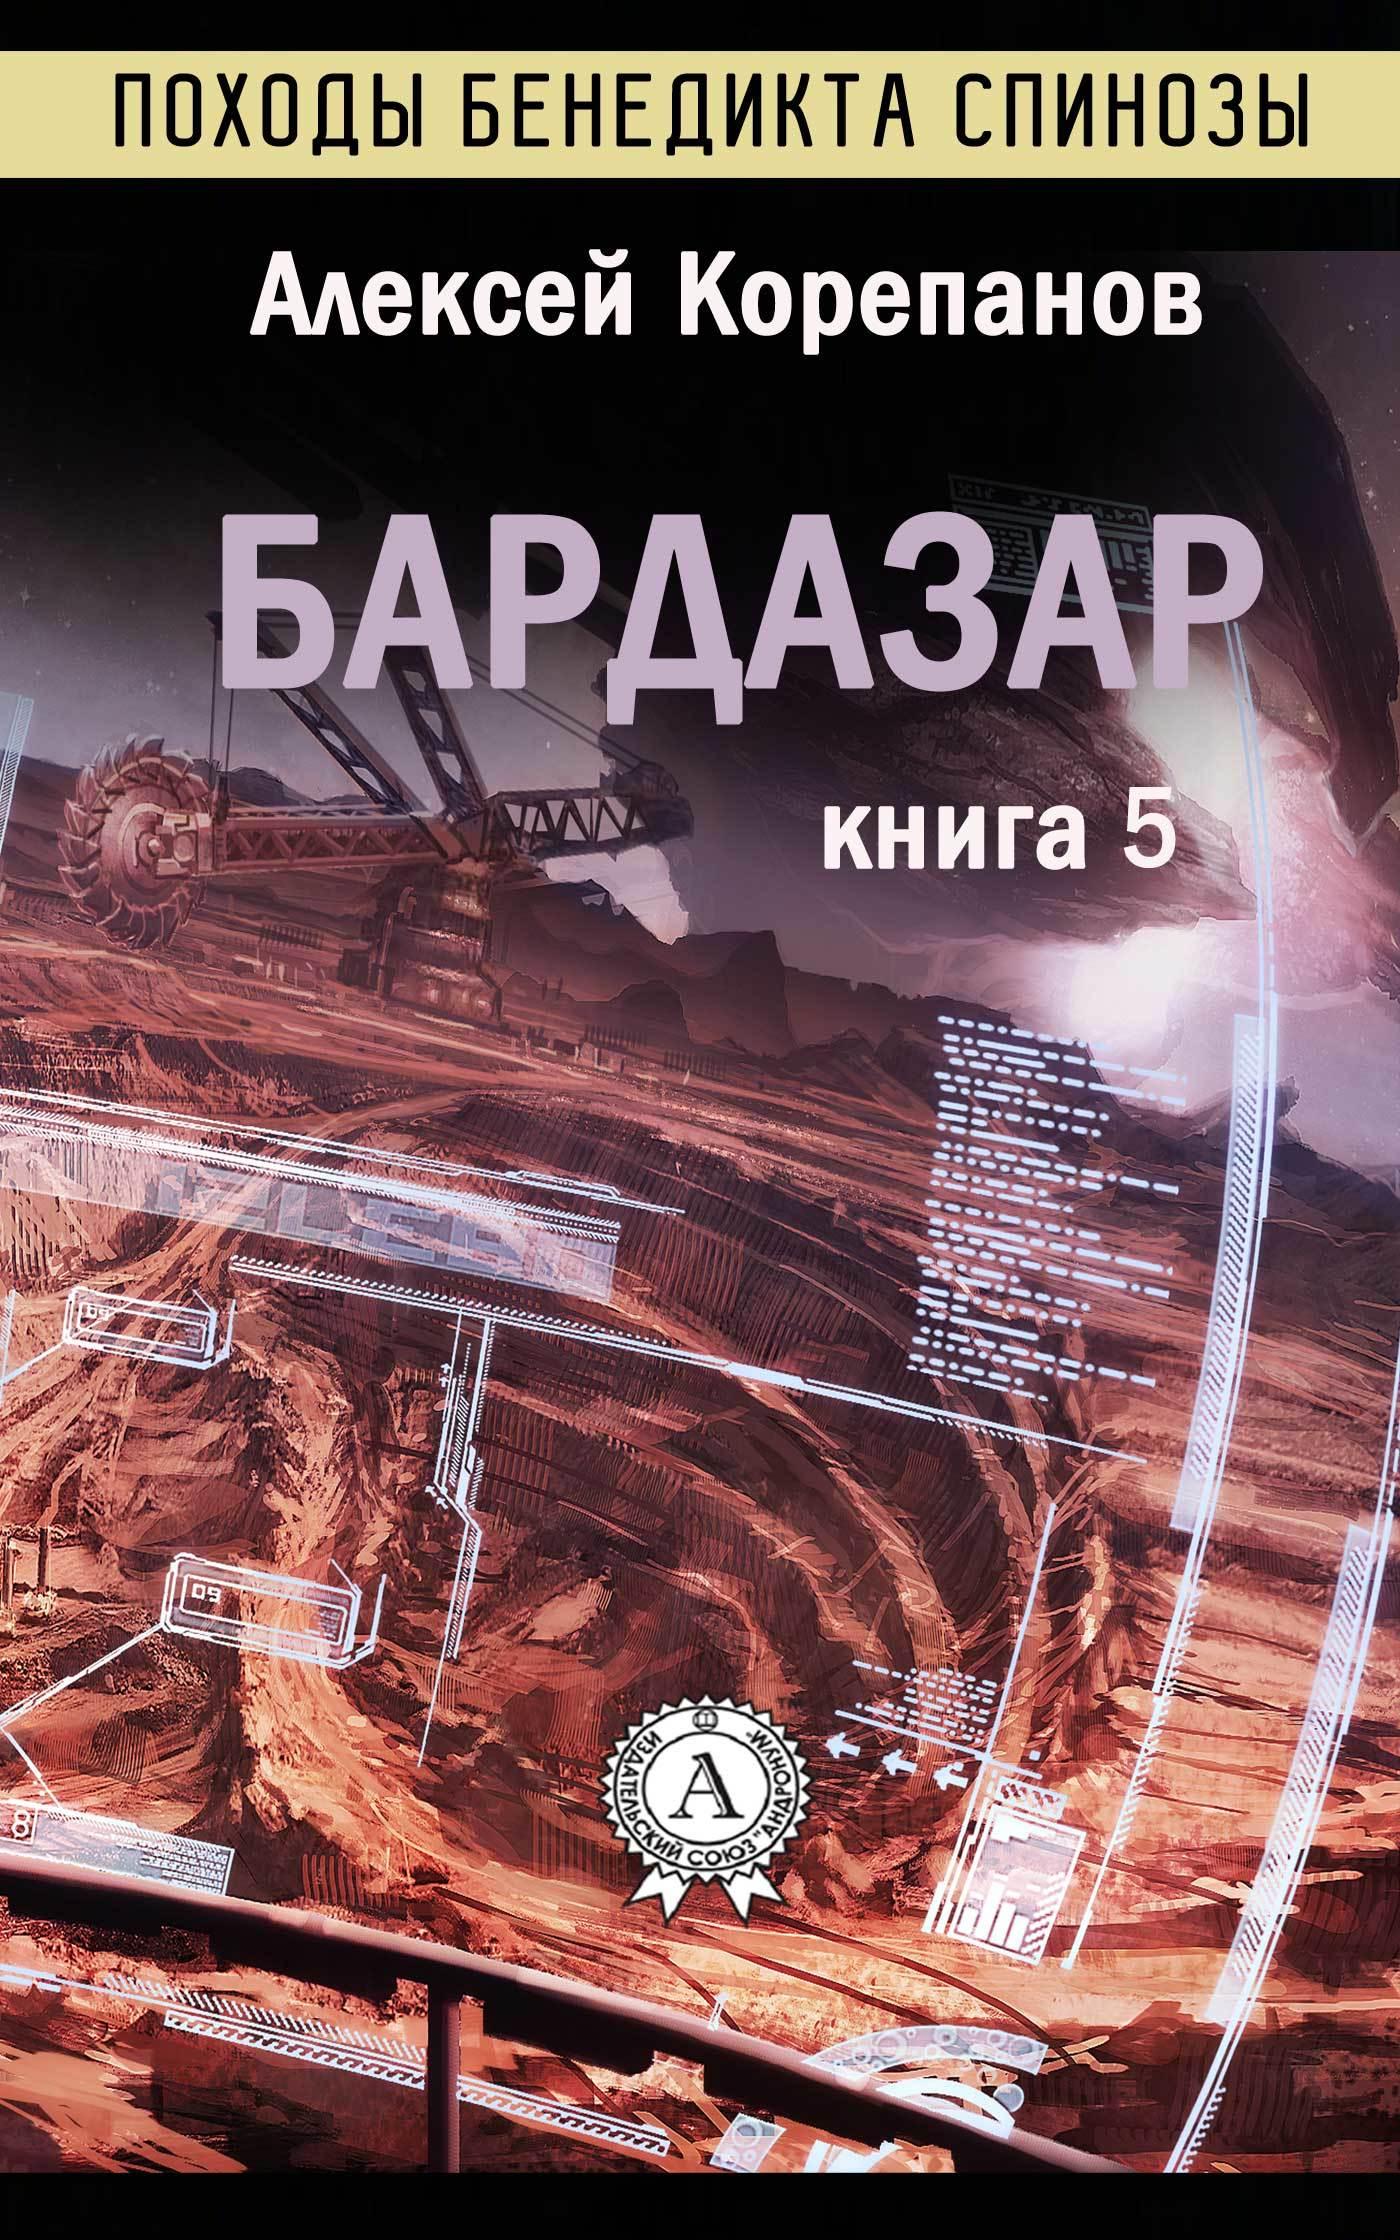 Алексей Корепанов - Бардазар